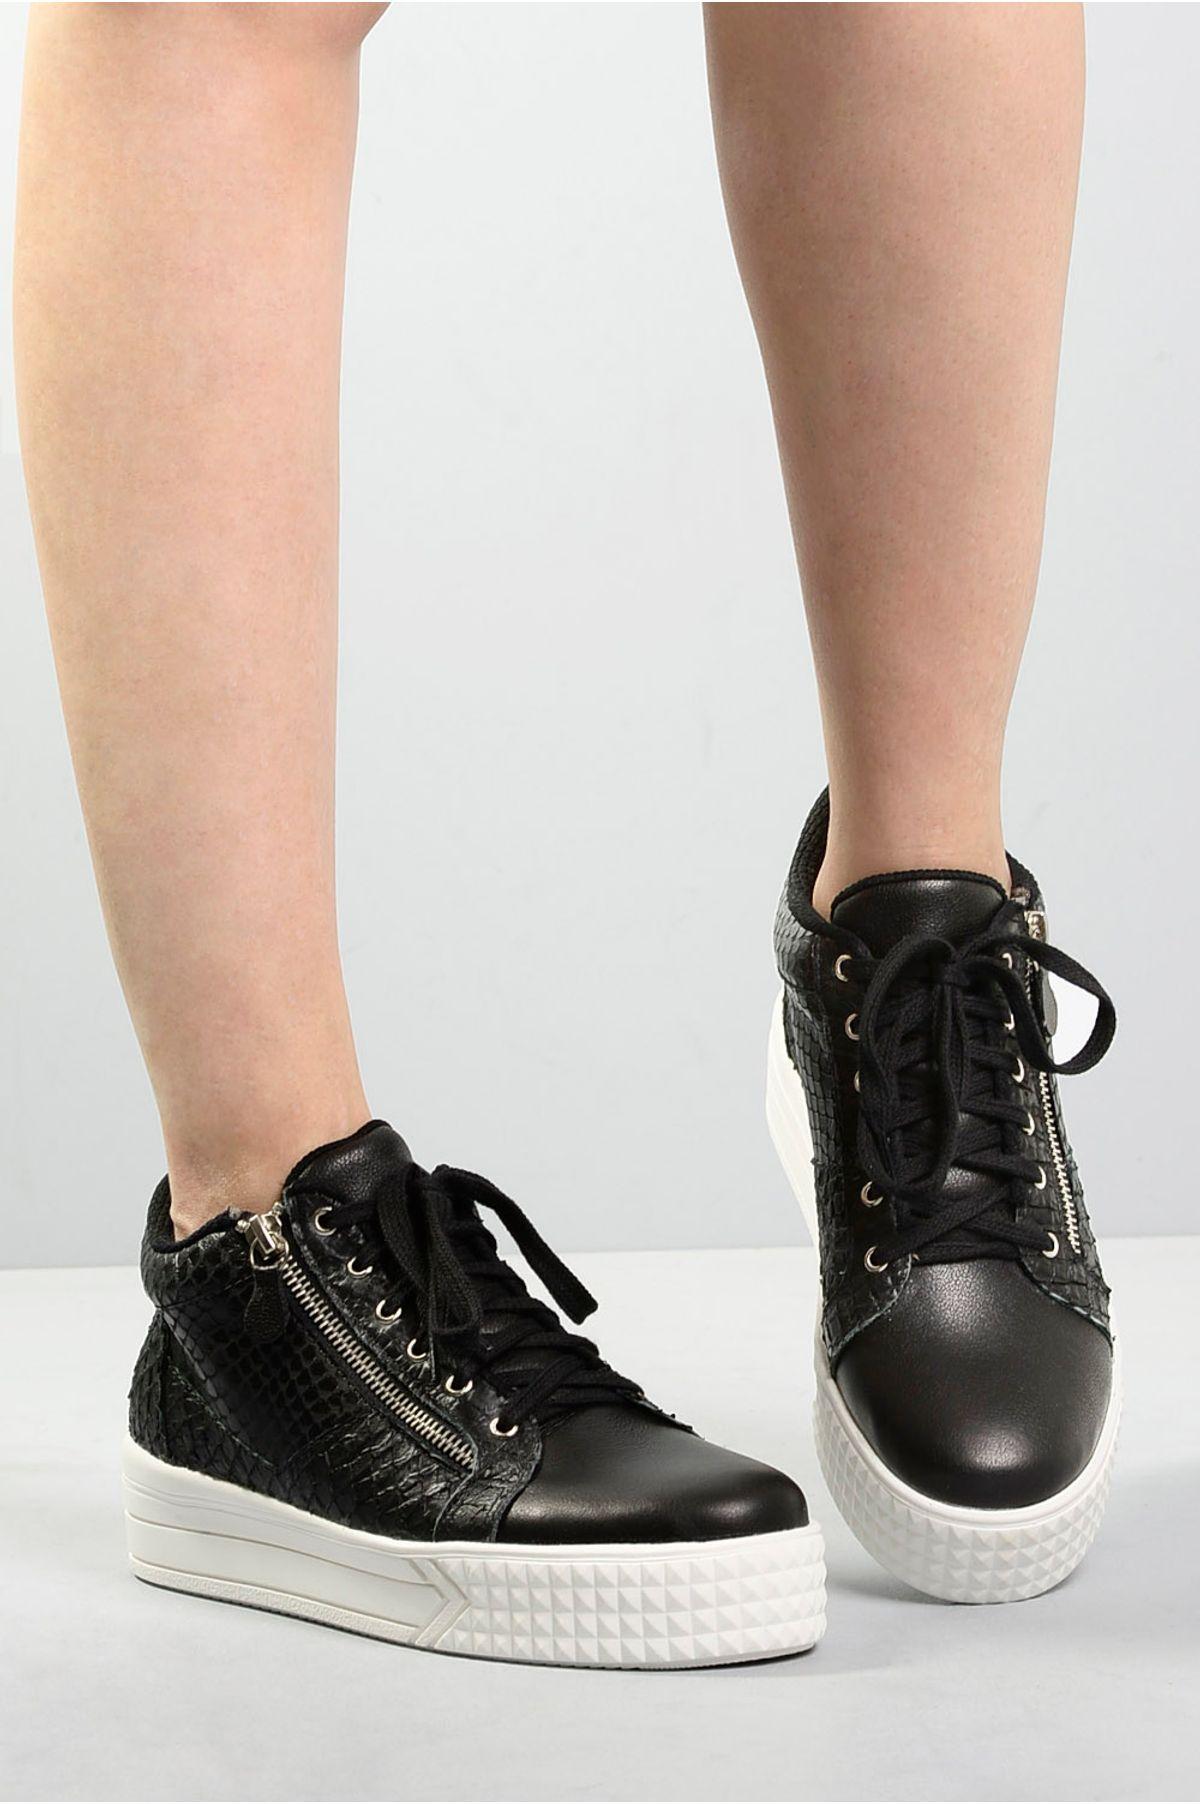 5035185343972 Tênis Feminino Chay Mundial   Mundial Calçados - Mundial Calçados